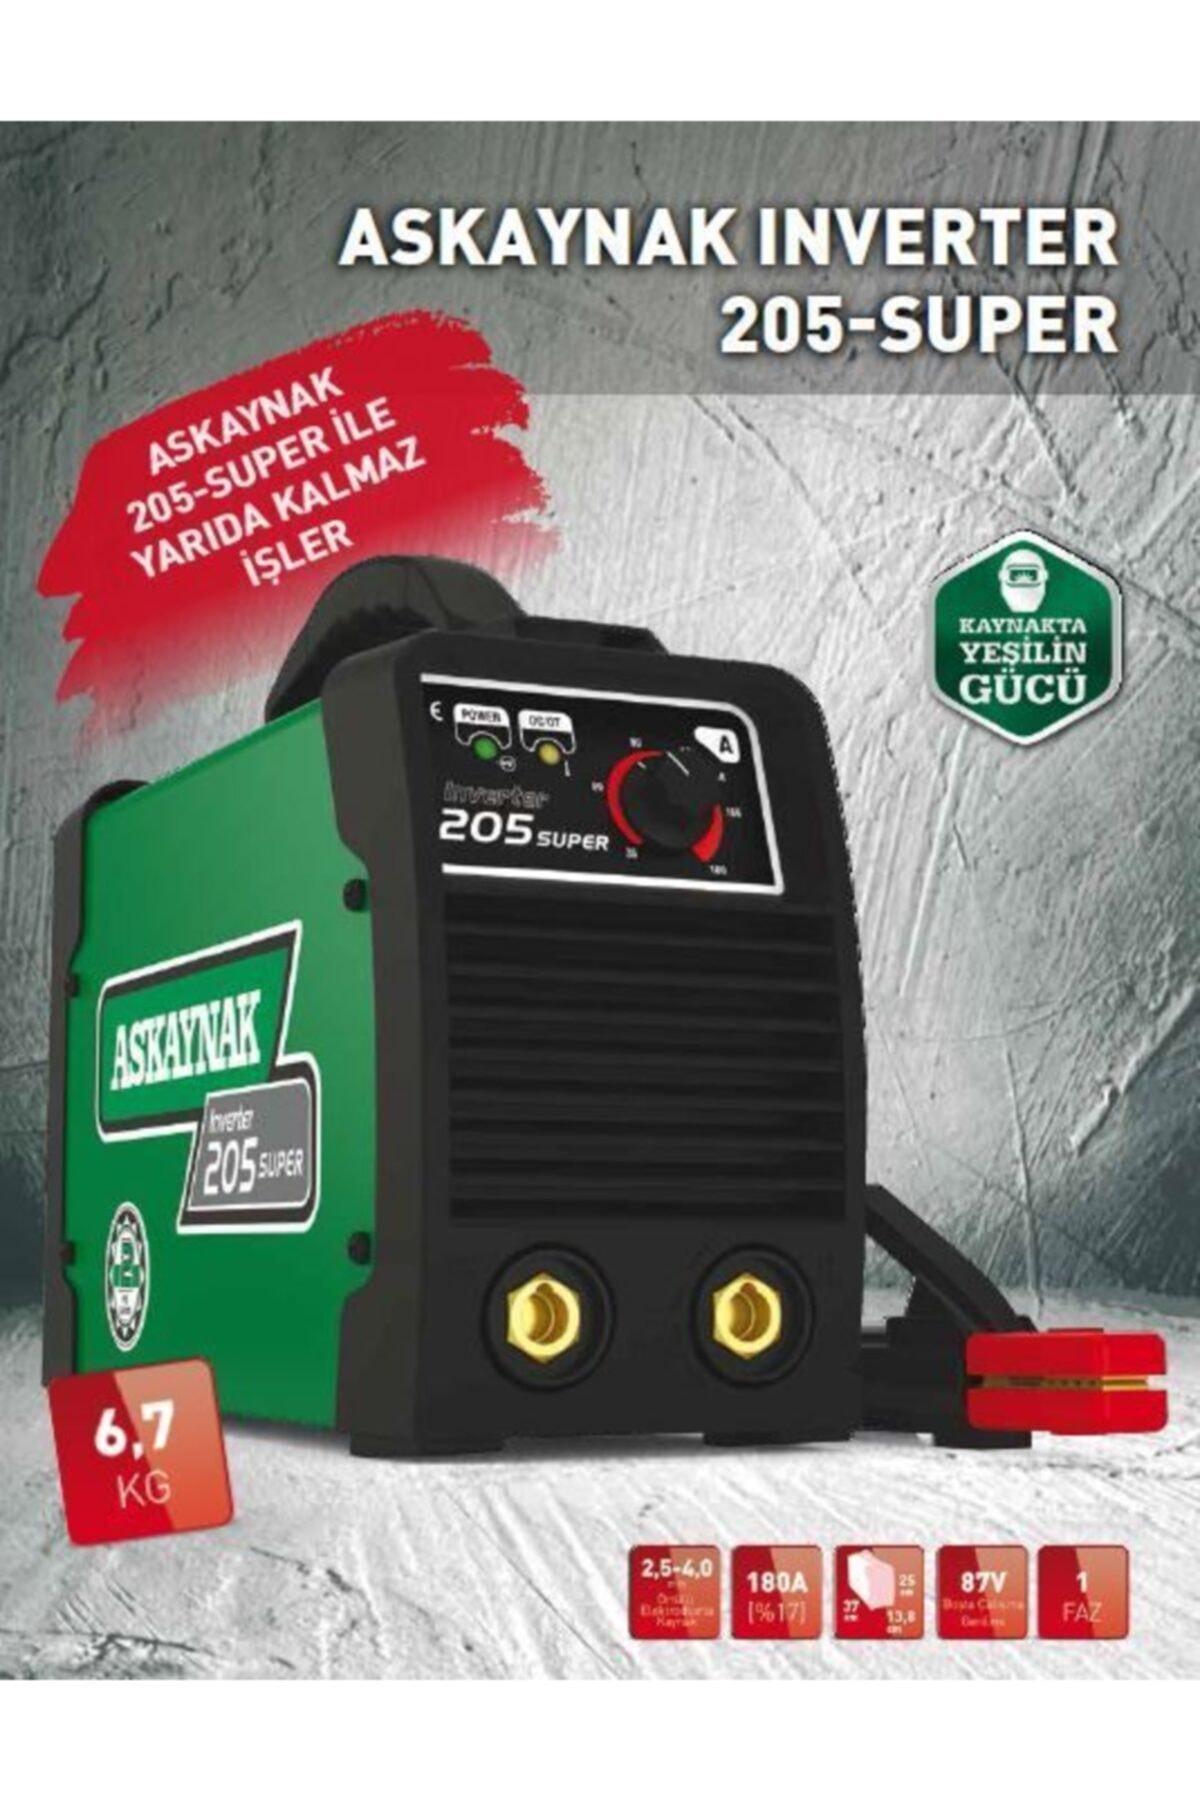 Askaynak Inverter 205 Süper Kaynak Makinası 1